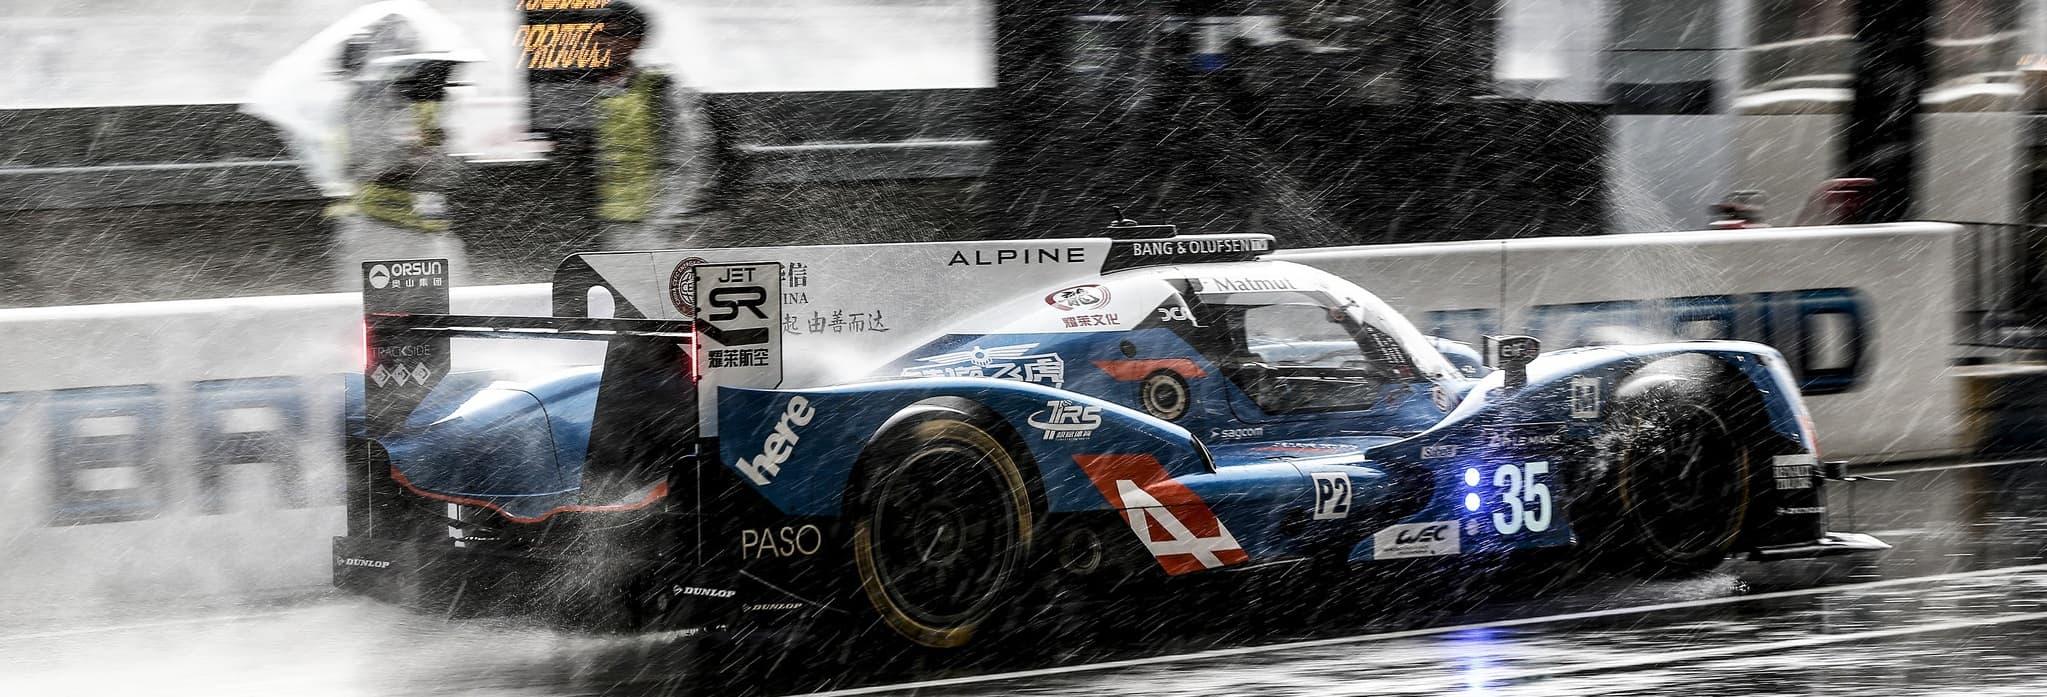 Alpine en P2 et P3 pour le départ des 24 Heures du Mans 2016